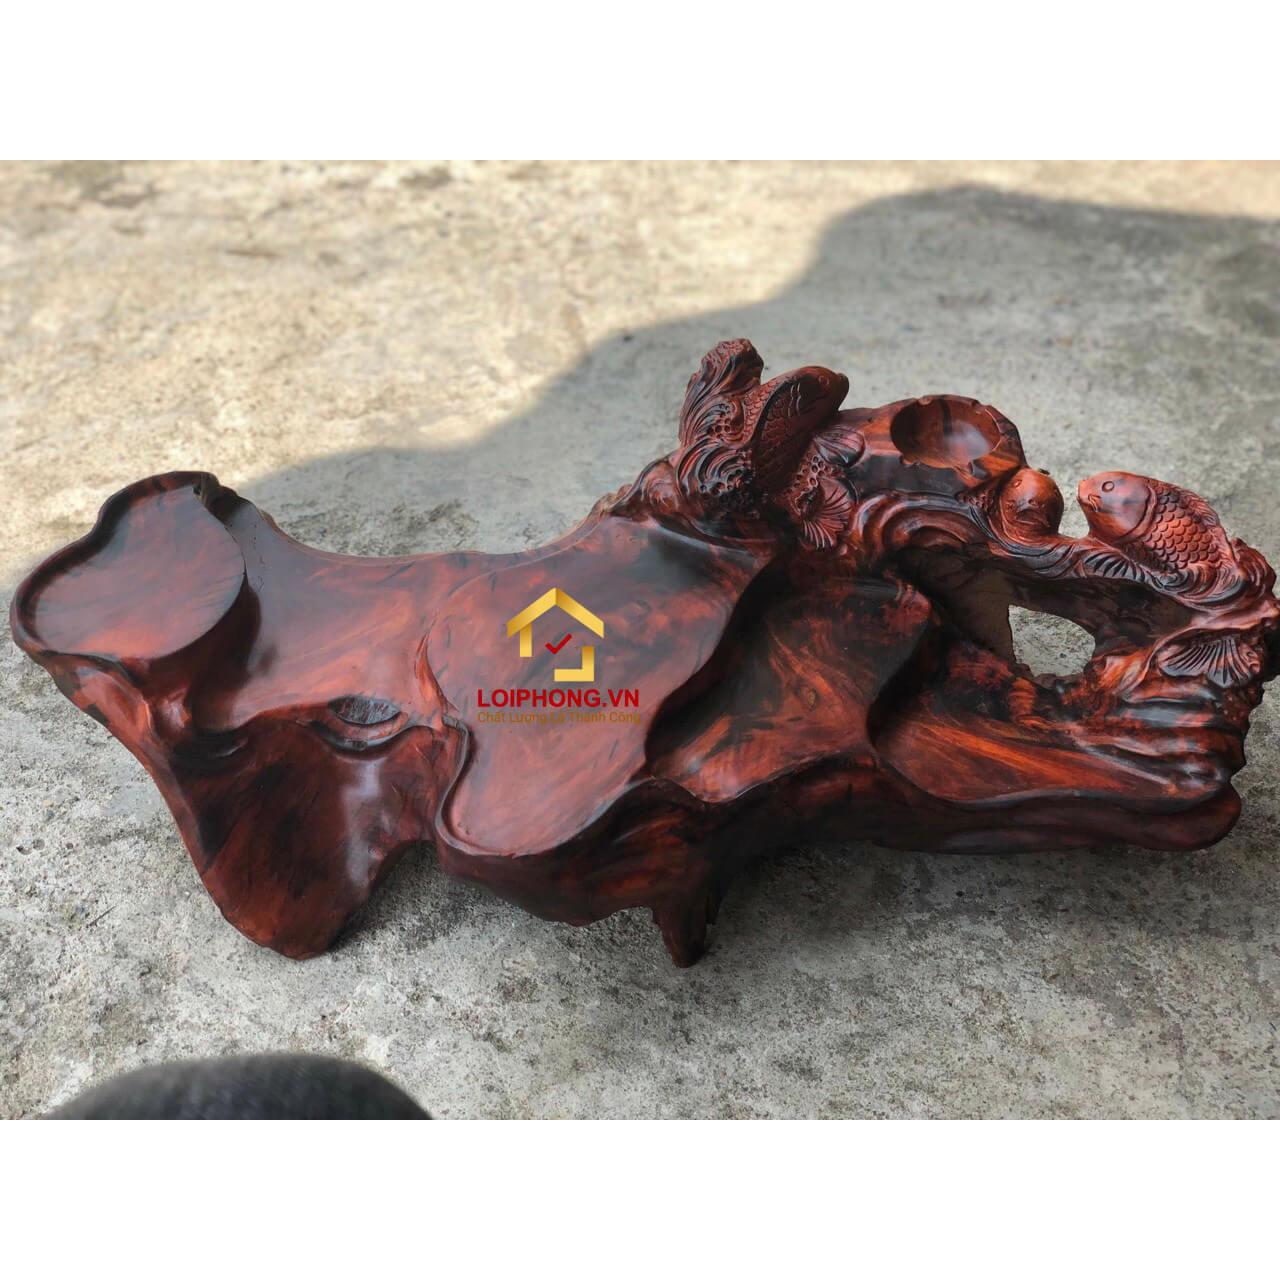 Khay trà gỗ trắc nguyên khối chạm khắc 3 con cá chép kích thước dài 64 x rộng 34 x cao 18 cm